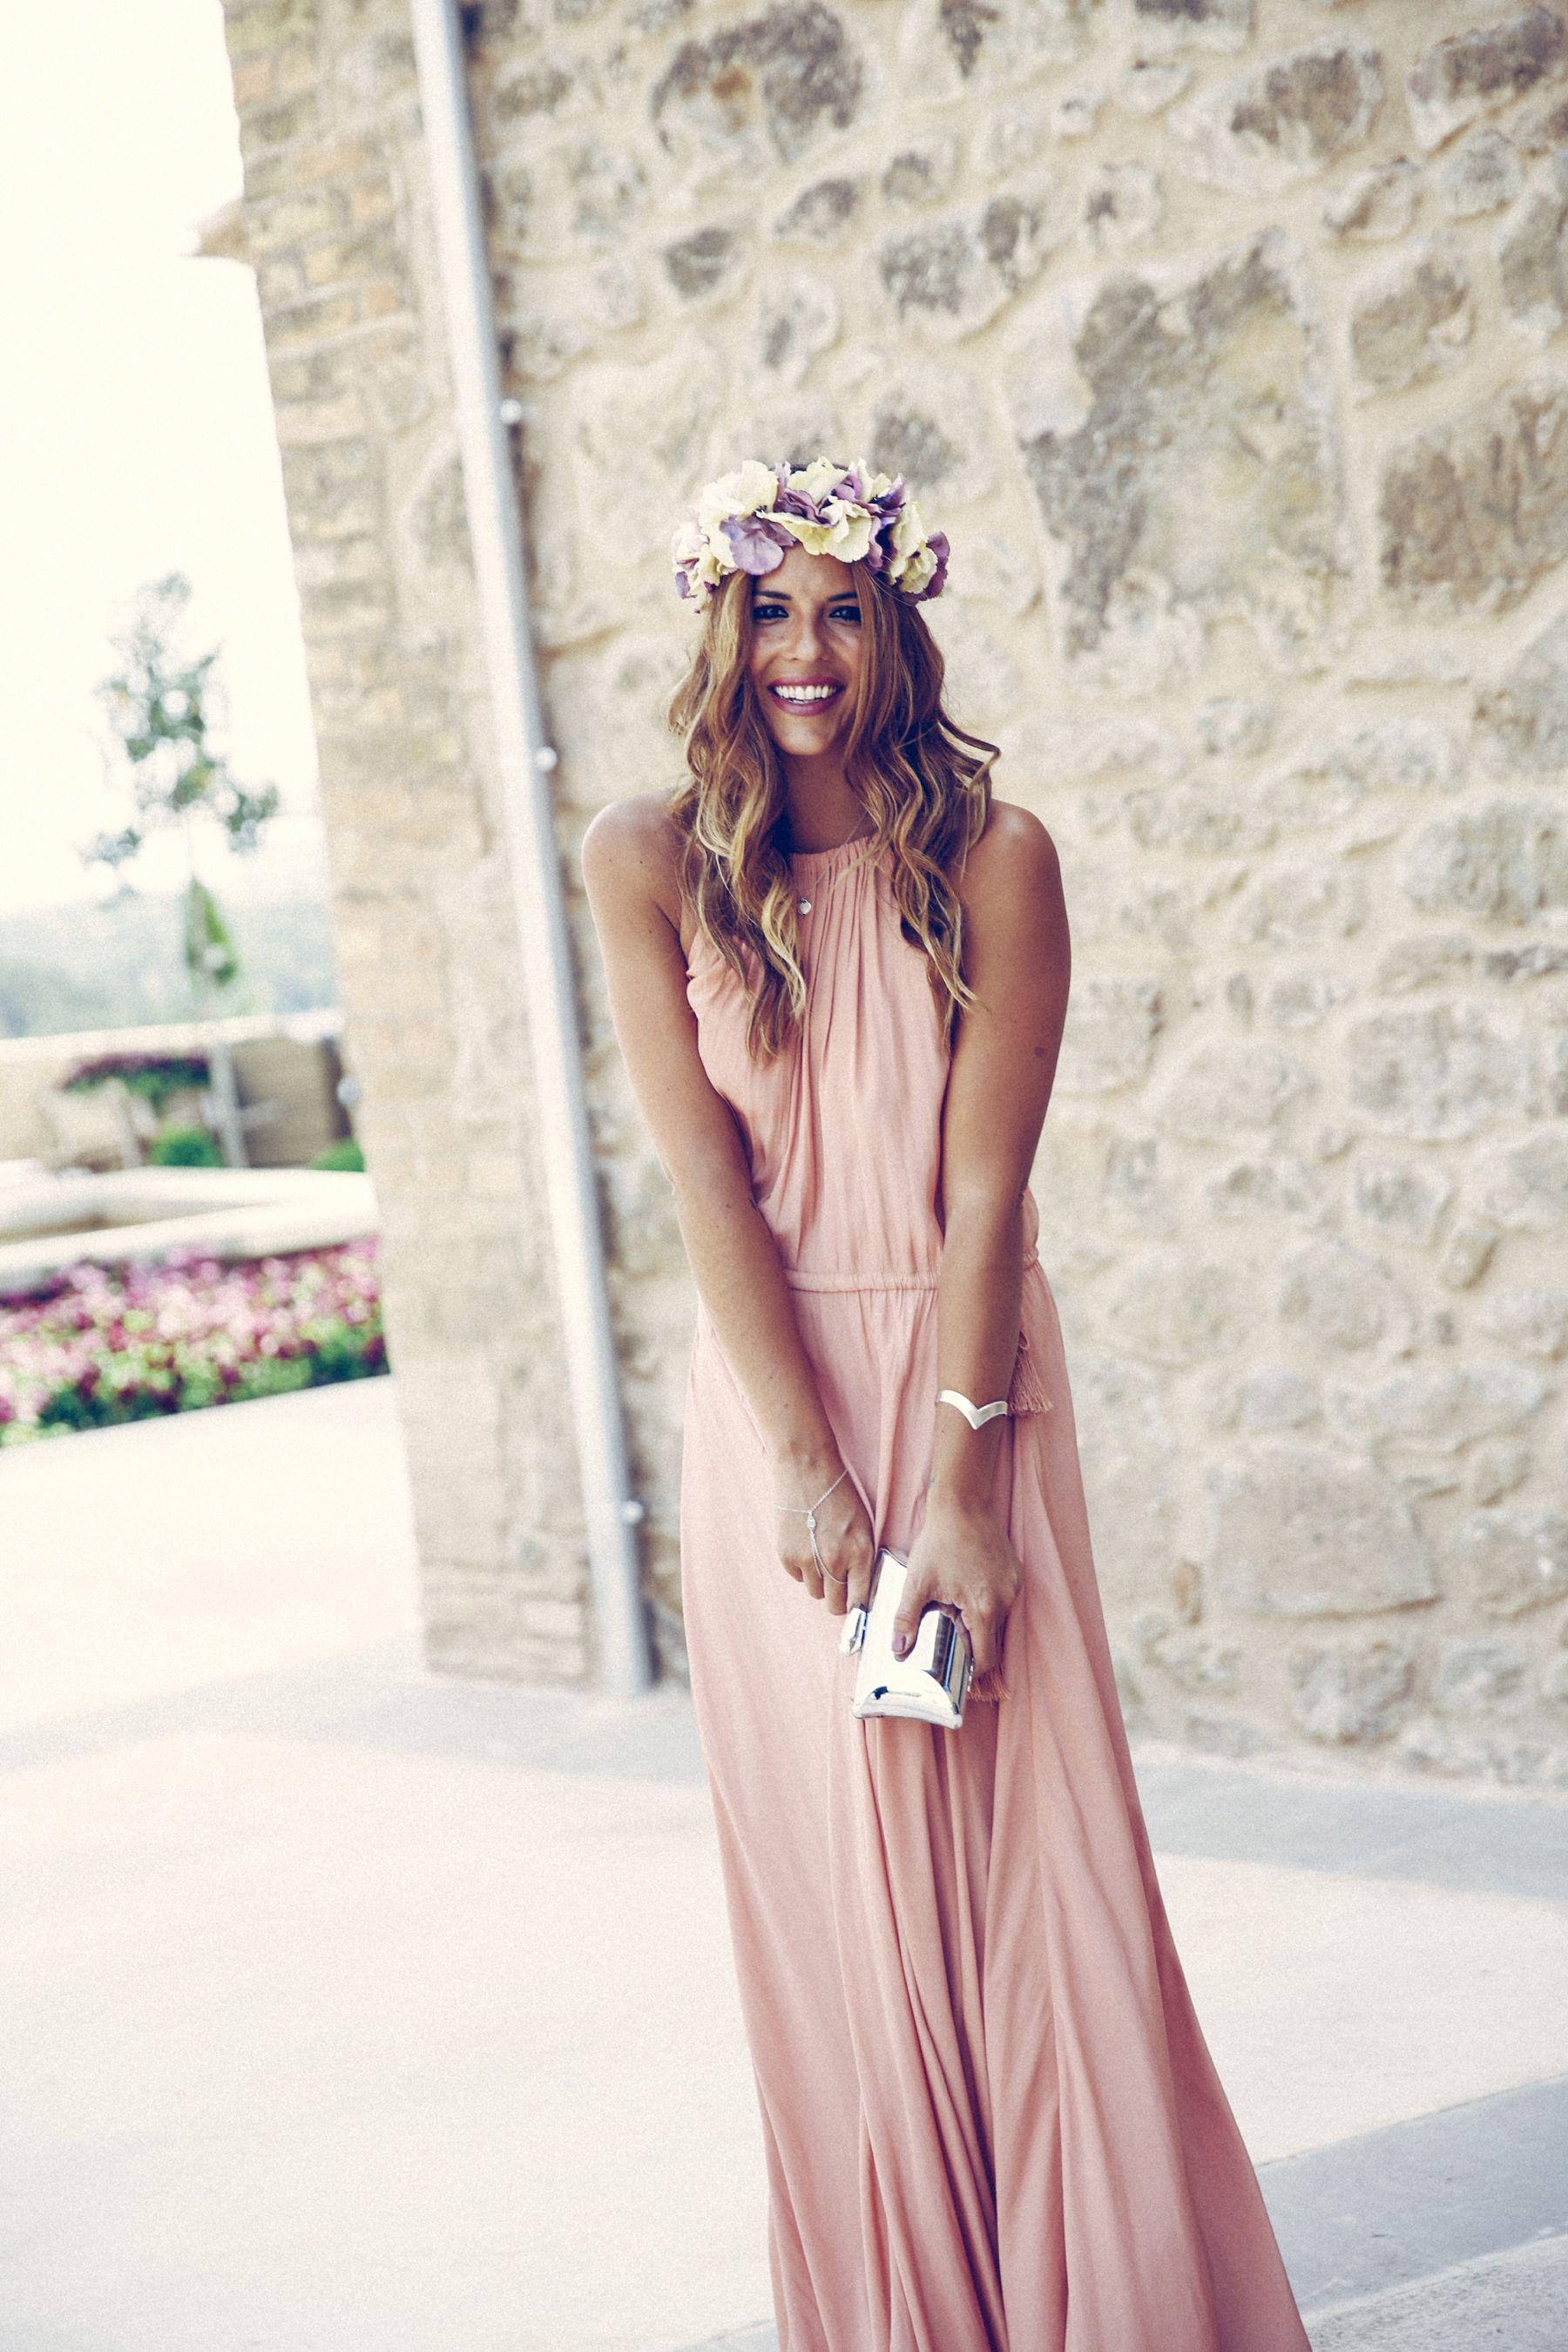 Vestido largo flores boda dia – Vestidos de moda blog de fotos del sitio